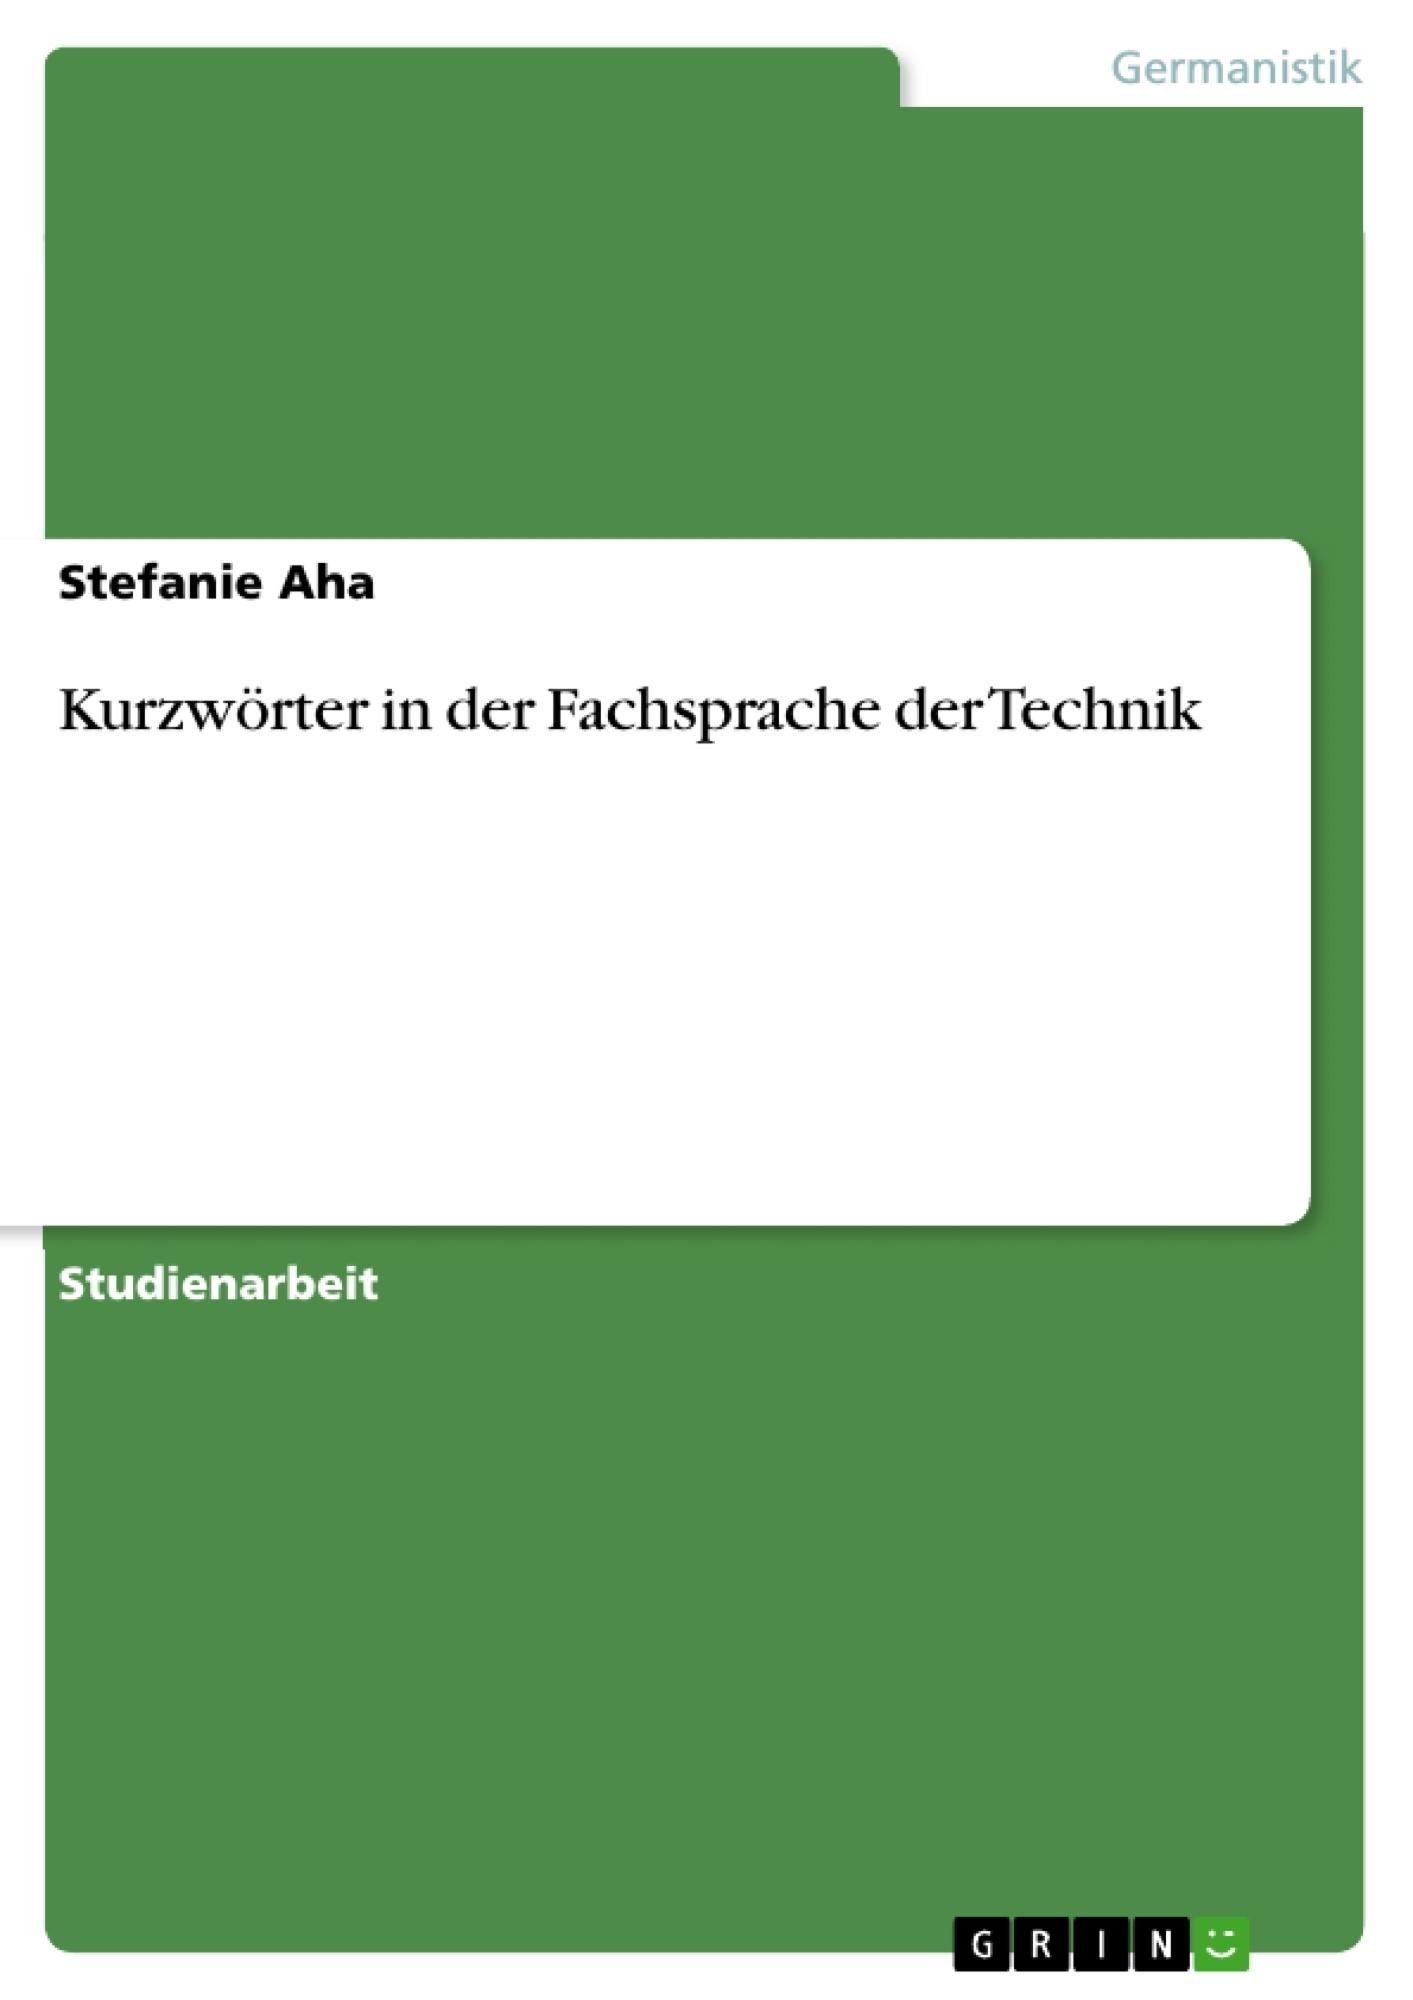 Titel: Kurzwörter in der Fachsprache der Technik